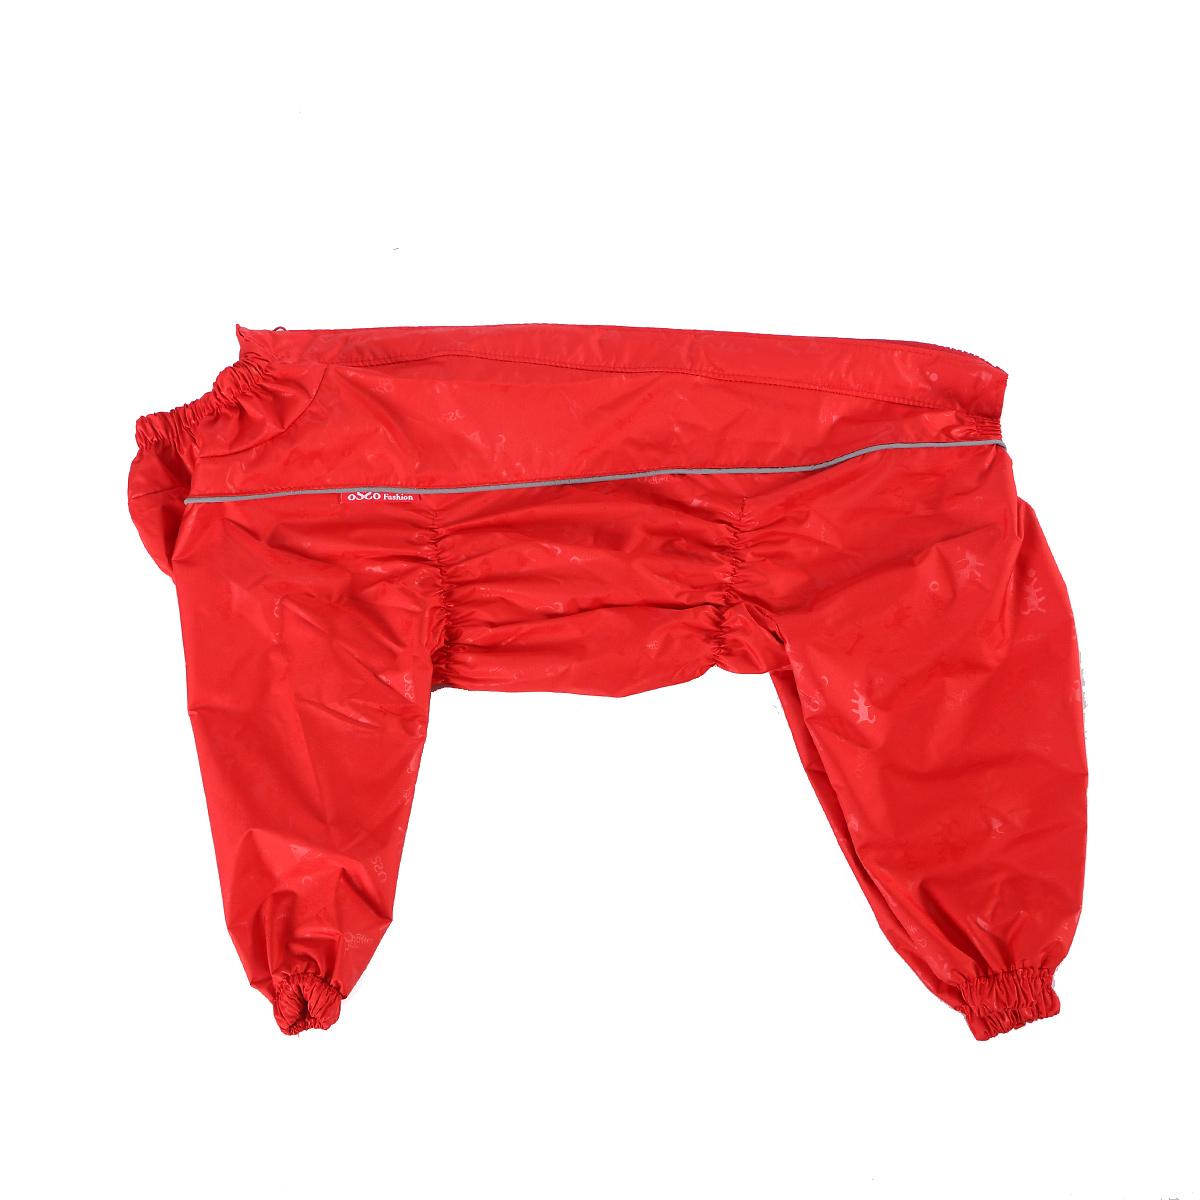 Комбинезон для собак OSSO Fashion, для девочки, цвет: красный. Размер 65К-1033-красныйКомбинезон для собак без подкладки из водоотталкивающей и ветрозащитной ткани (100% полиэстер). Предназначен для прогулок в межсезонье, в сырую погоду для защиты собаки от грязи и воды. В комбинезоне используется отделка со светоотражающим кантом и тракторная молния со светоотражающей полосой. Комбинезон для собак эргономичен, удобен, не сковывает движений собаки при беге, во время игры и при дрессировке. Комфортная посадка по корпусу достигается за счет резинок-утяжек под грудью и животом. На воротнике имеется кнопка для фиксации. От попадания воды и грязи внутрь комбинезона низ штанин также сборен на резинку. Рекомендуется машинная стирка с использованием средства для стирки деликатных тканей при температуре не выше 40?С и загрузке барабана не более чем на 40% от его объема, отжим при скорости не более 400/500 об/мин, сушка на воздухе – с целью уменьшения воздействия на водоотталкивающую (PU) пропитку ткани. Рекомендации по подбору размера: Размер подбирается по длине спины собаки....